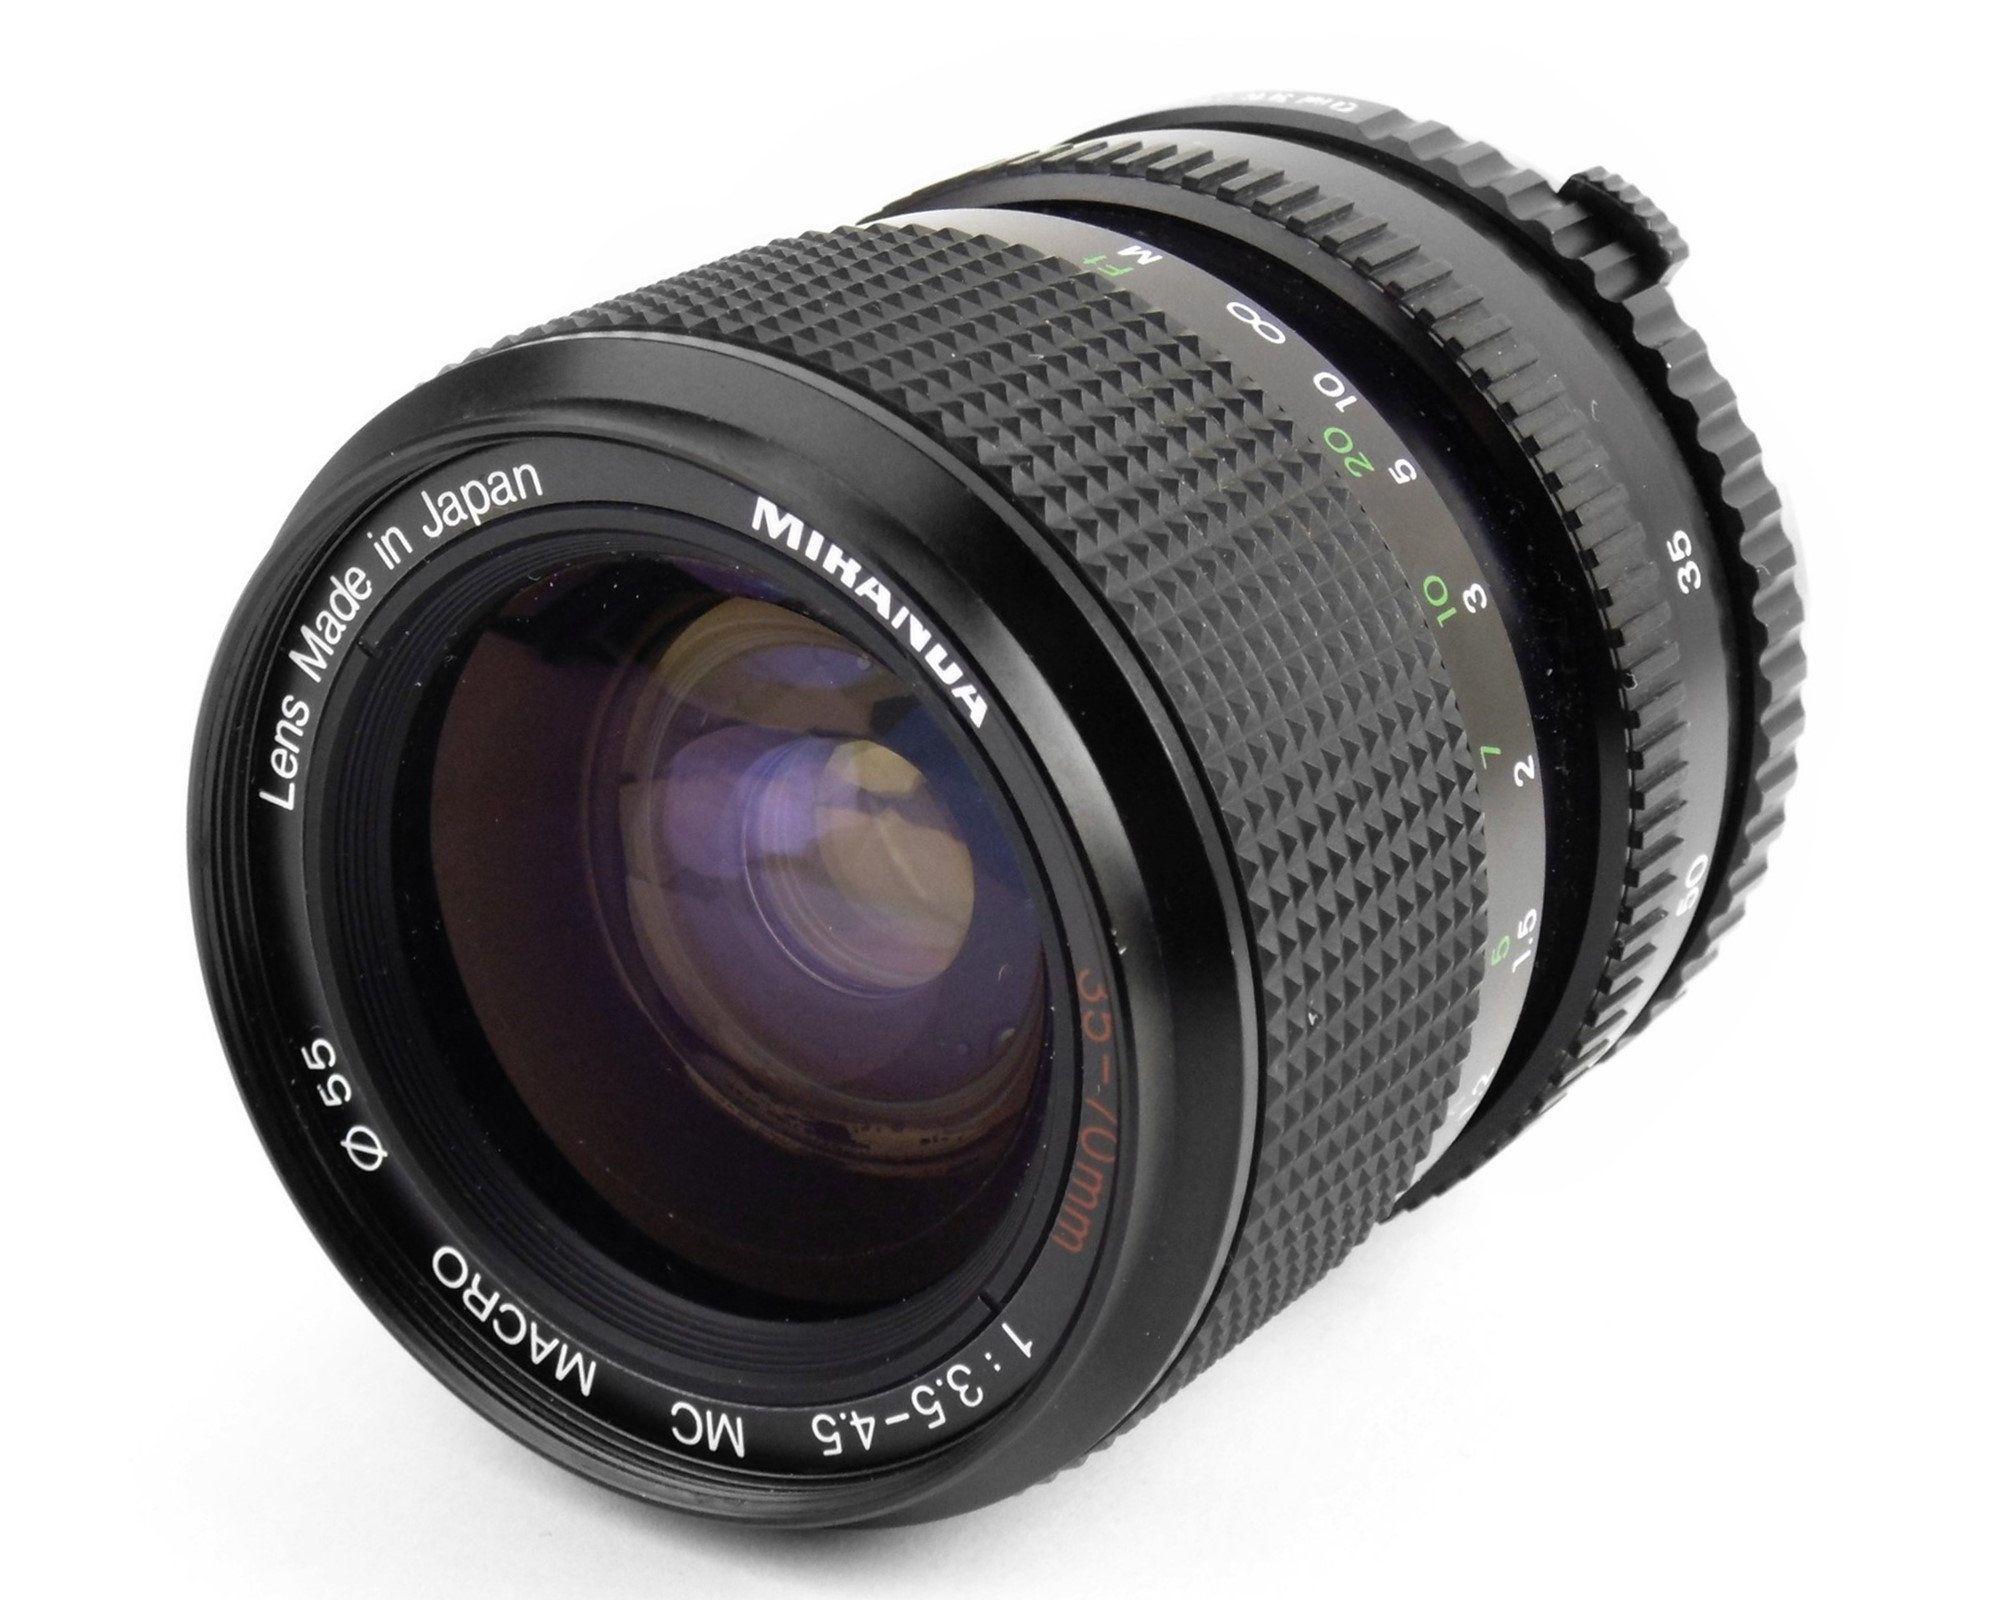 Olympus Om Mount 35 70mm F 3 5 Zoom Telephoto Lens By Miranda In 2020 Olympus Vintage Film Camera Lens